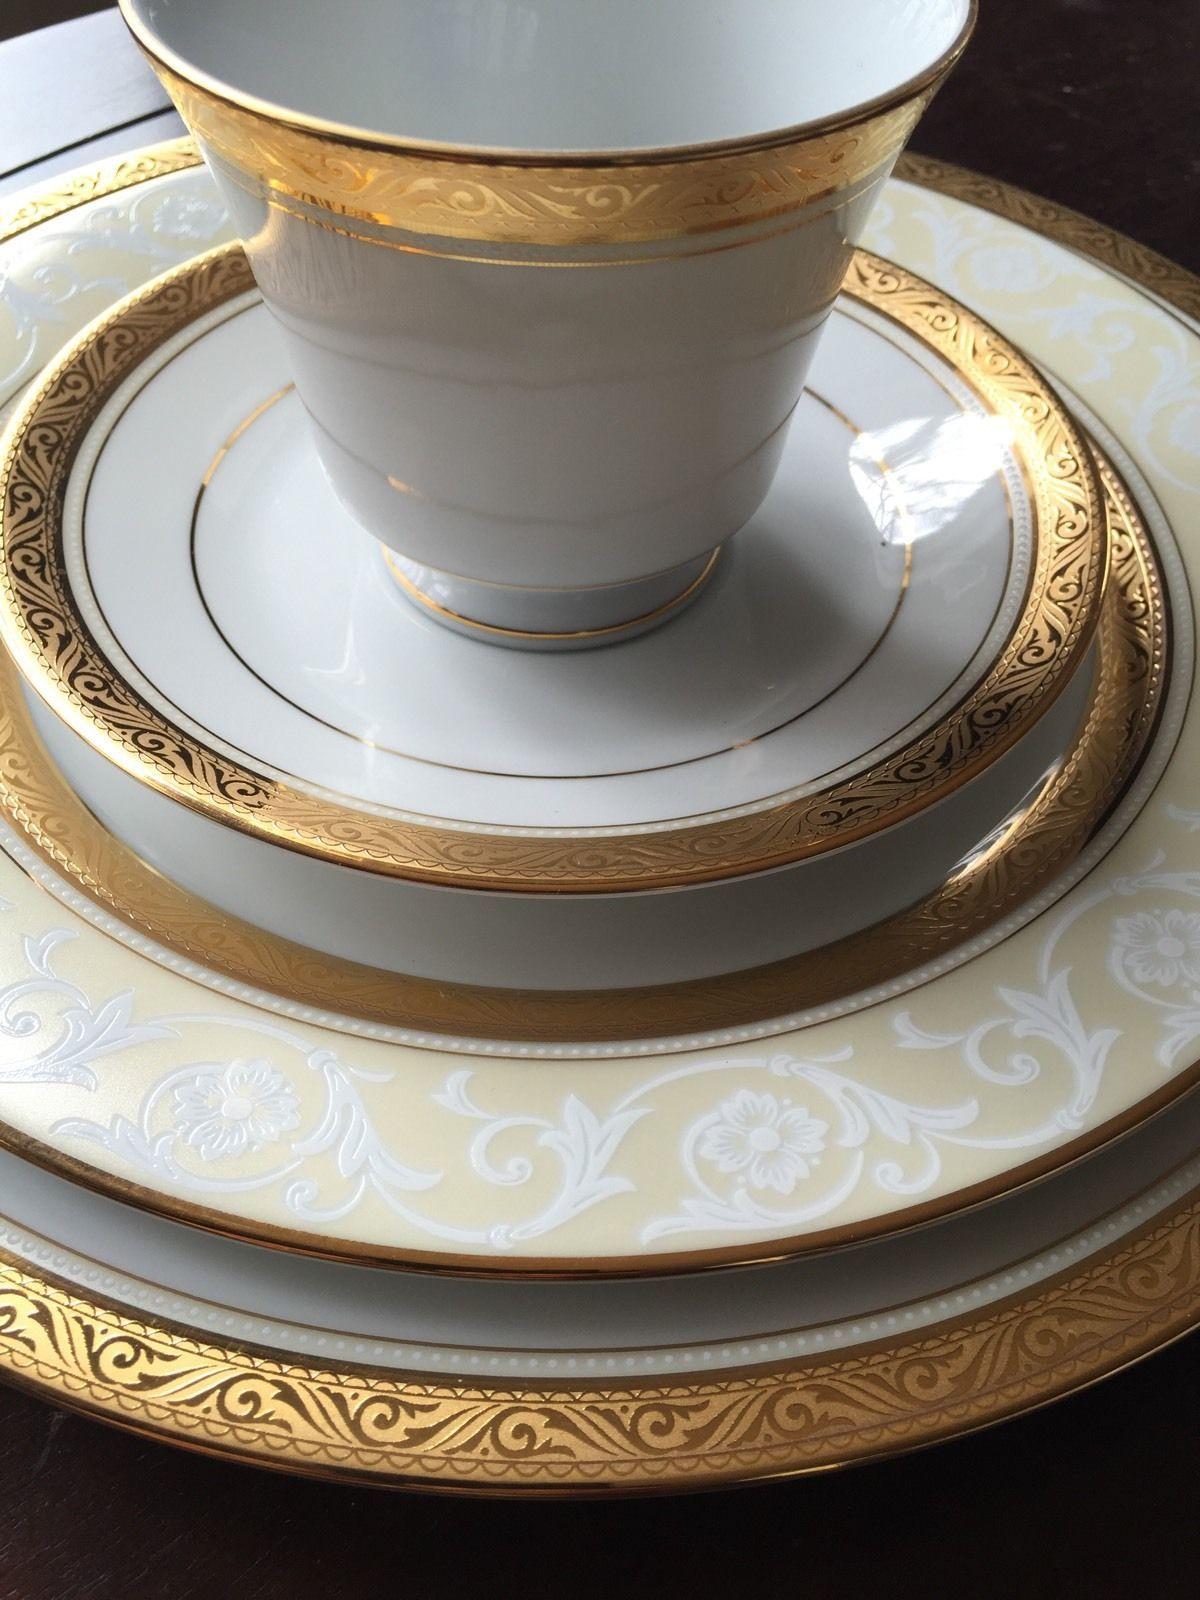 Noritake China Majestic Gold 36 Pcs 8 Place Settings picclick.com & Noritake China Majestic Gold 36 Pcs 8 Place Settings | Noritake ...